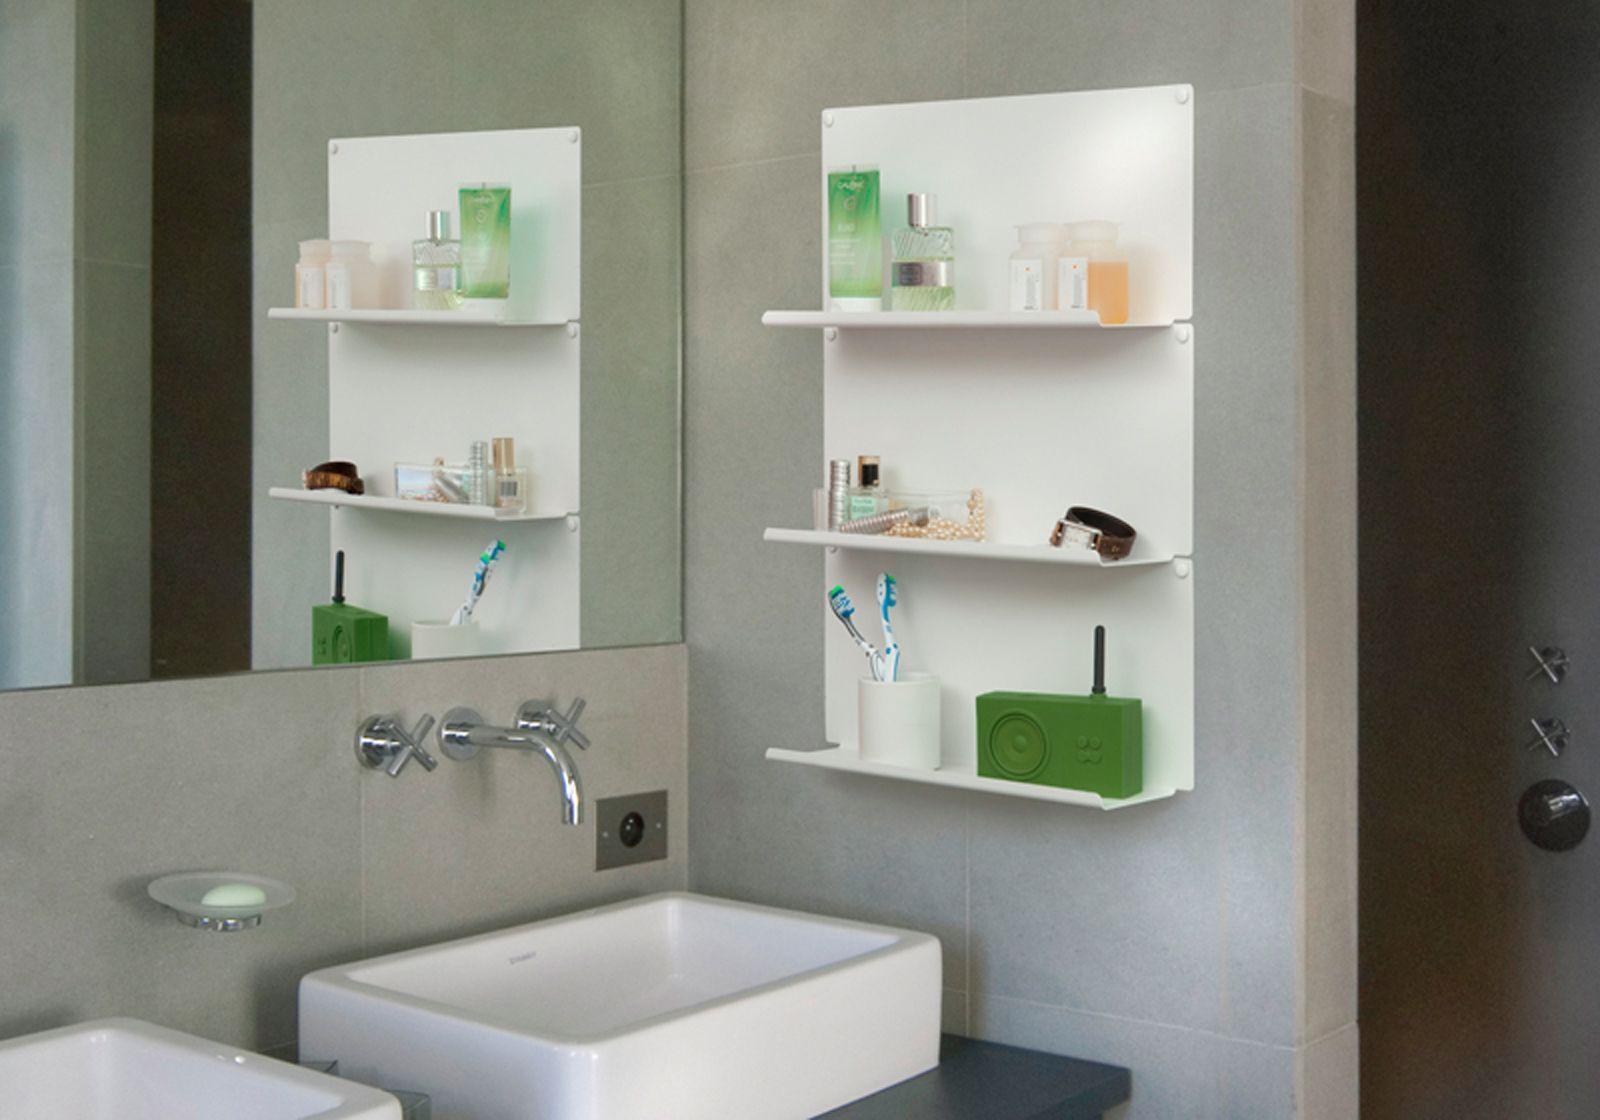 Tag re pour salle de bain le 45 x10 cm acier blanc - Etageres salle de bain ...